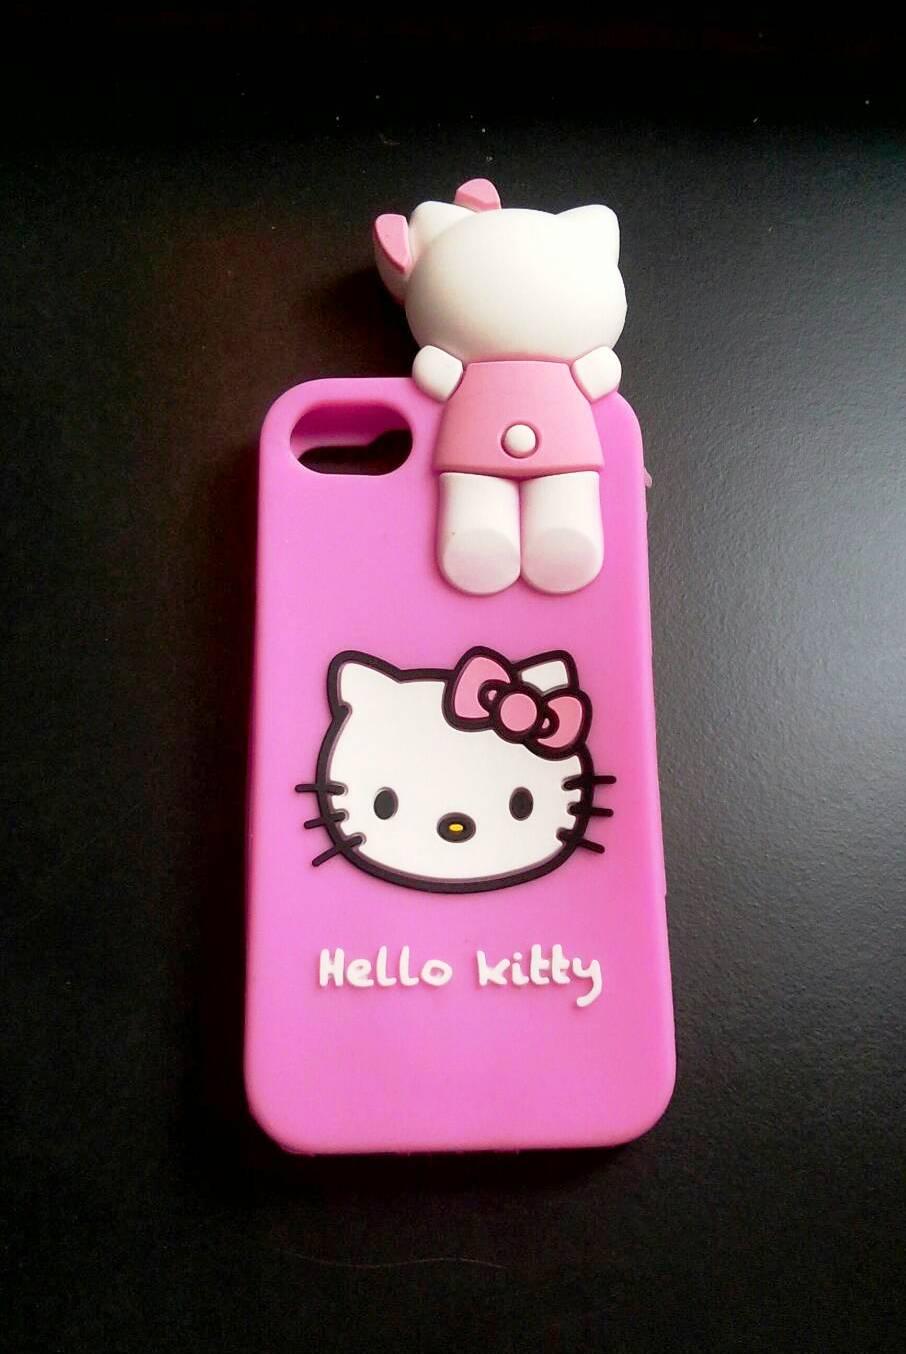 ซิลิโคนแมวชมพู เกาะหลัง iphone7/iphone8(ใช้เคสตัวเดียวกัน)